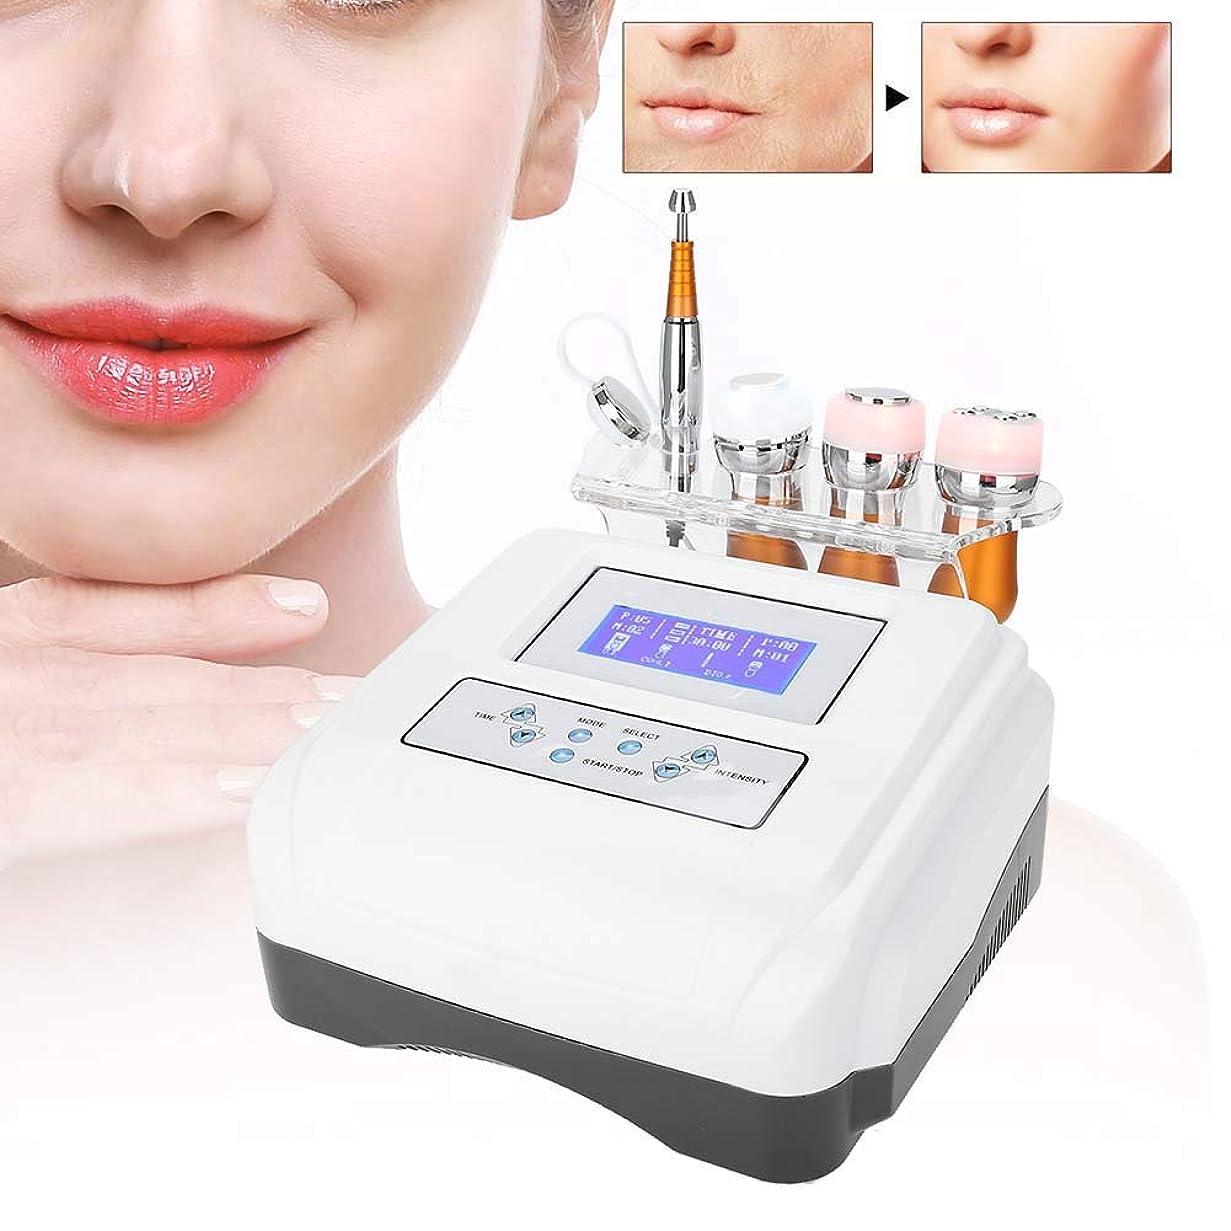 エントリダース主流多機能顔美容機、若返り肌アンチエイジングリフトスキンのための高周波肌引き締め冷凍美容デバイス、アイバッグとアイサークル(01)